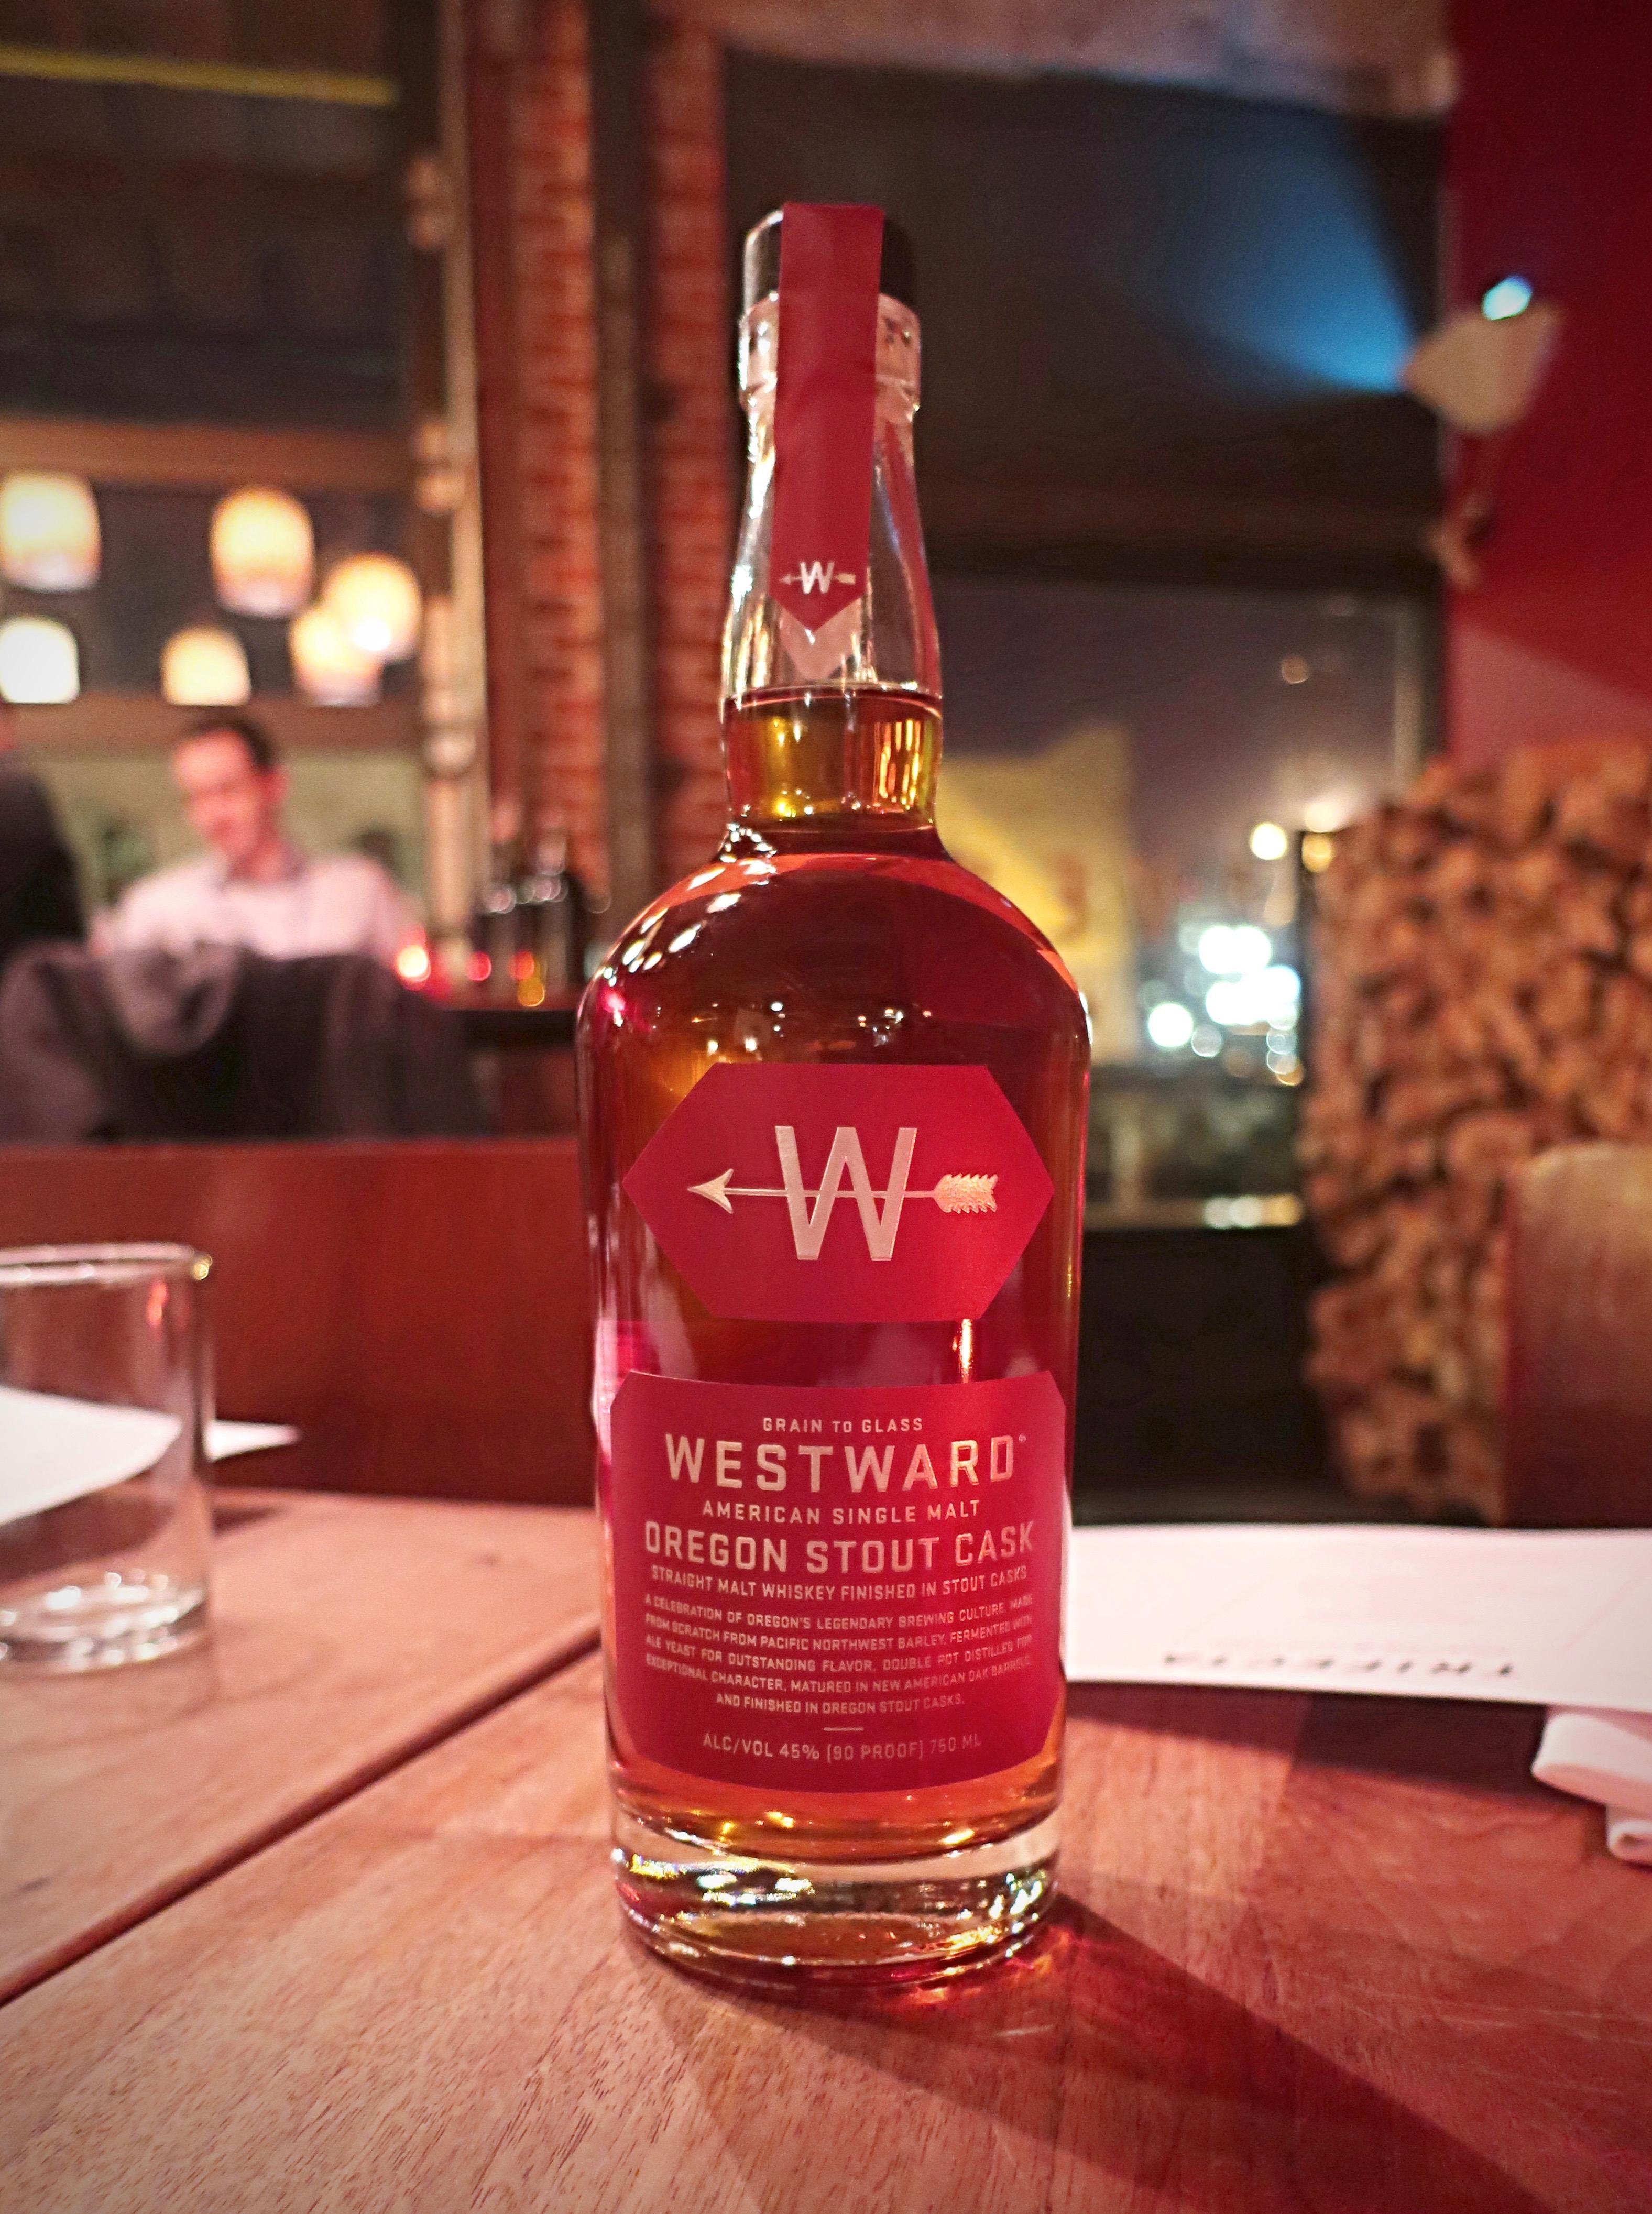 A bottle of Westward American Single Malt Oregon Stout Cask.